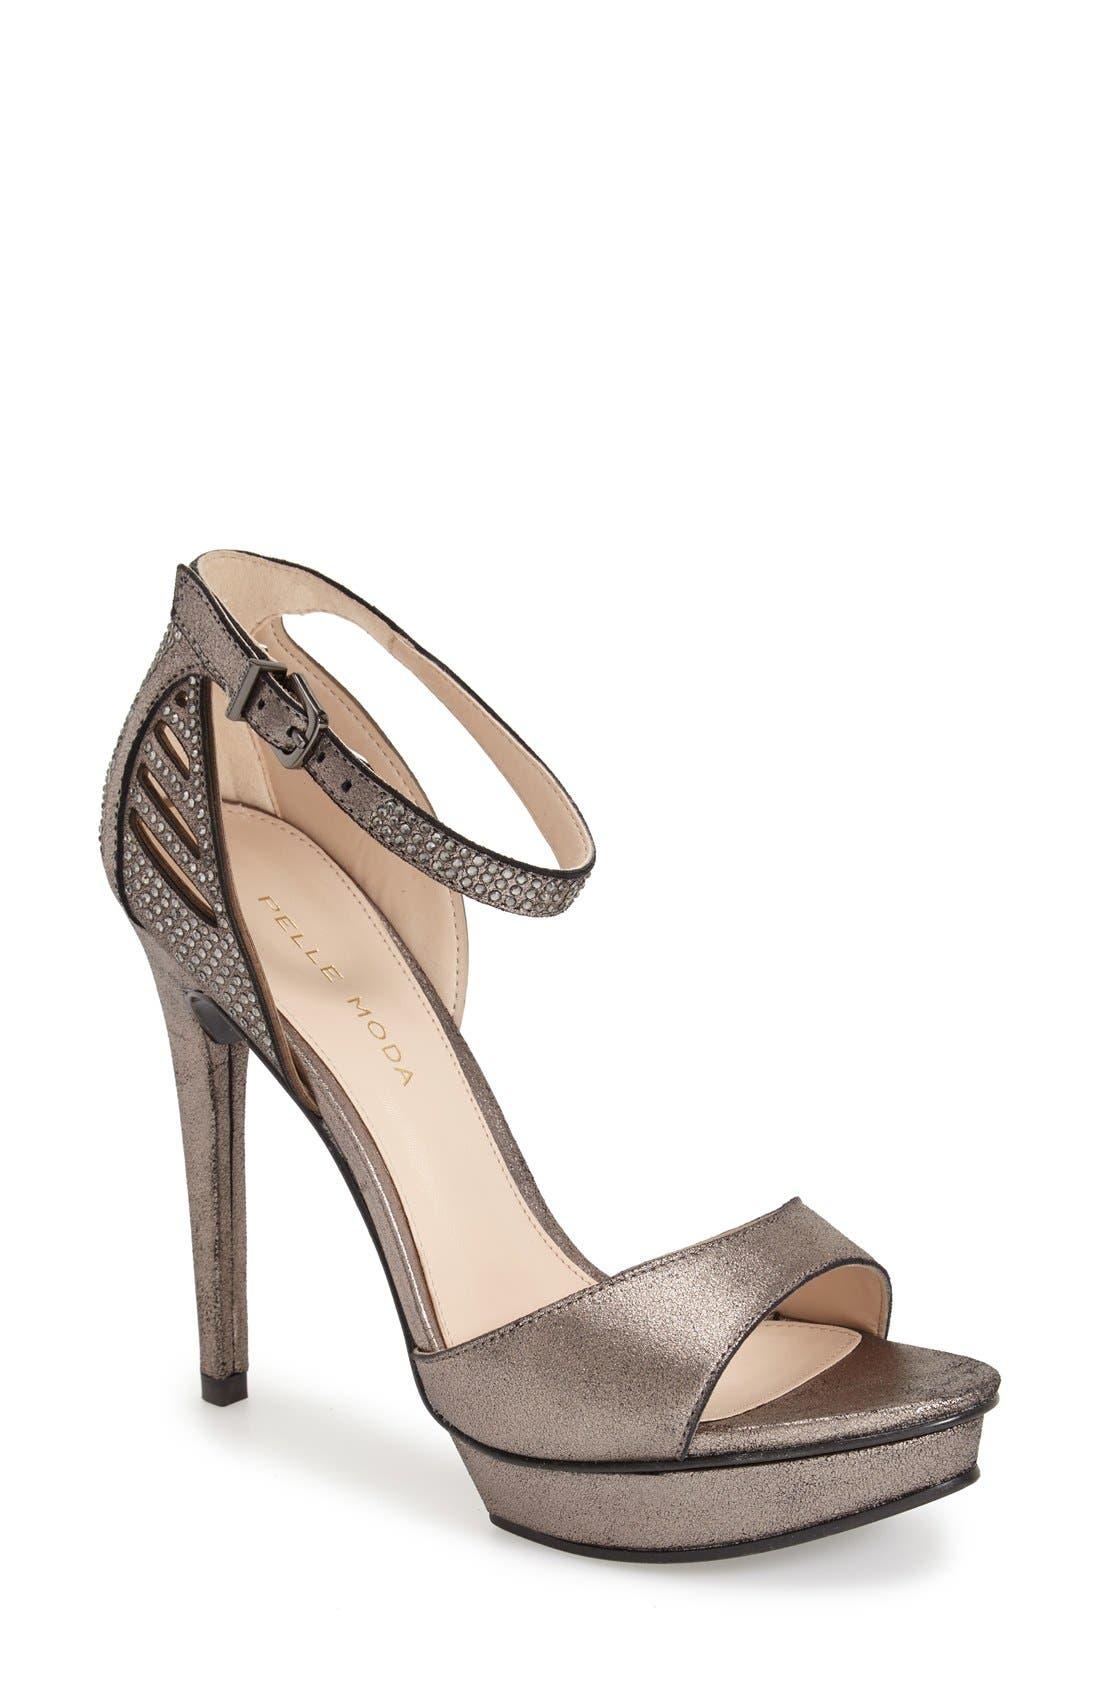 Main Image - Pelle Moda 'Fenton' Ankle Strap Sandal (Women)